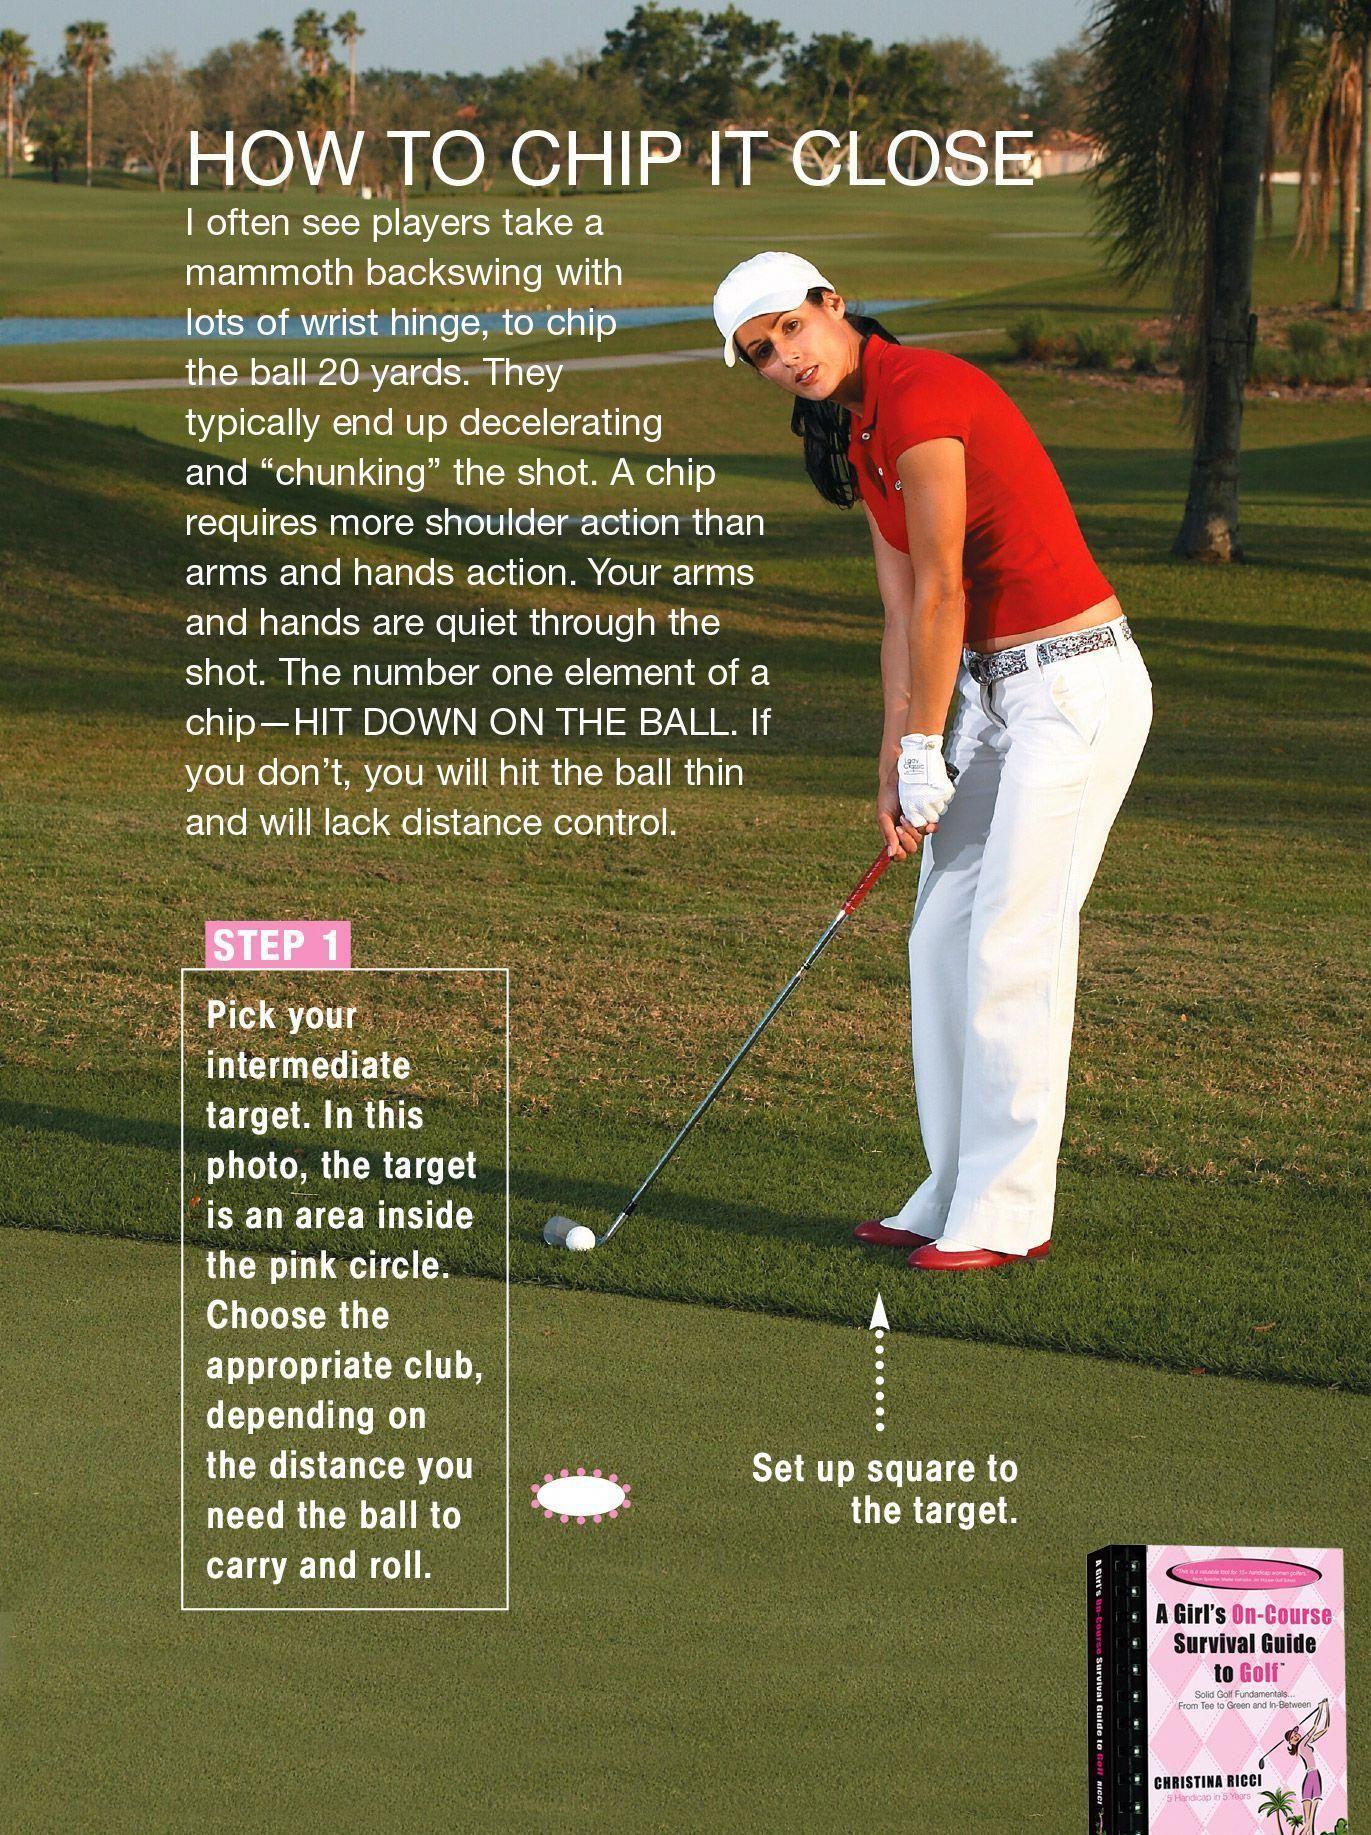 golf mens,golf tips,golf accessories,golf equipment,golf